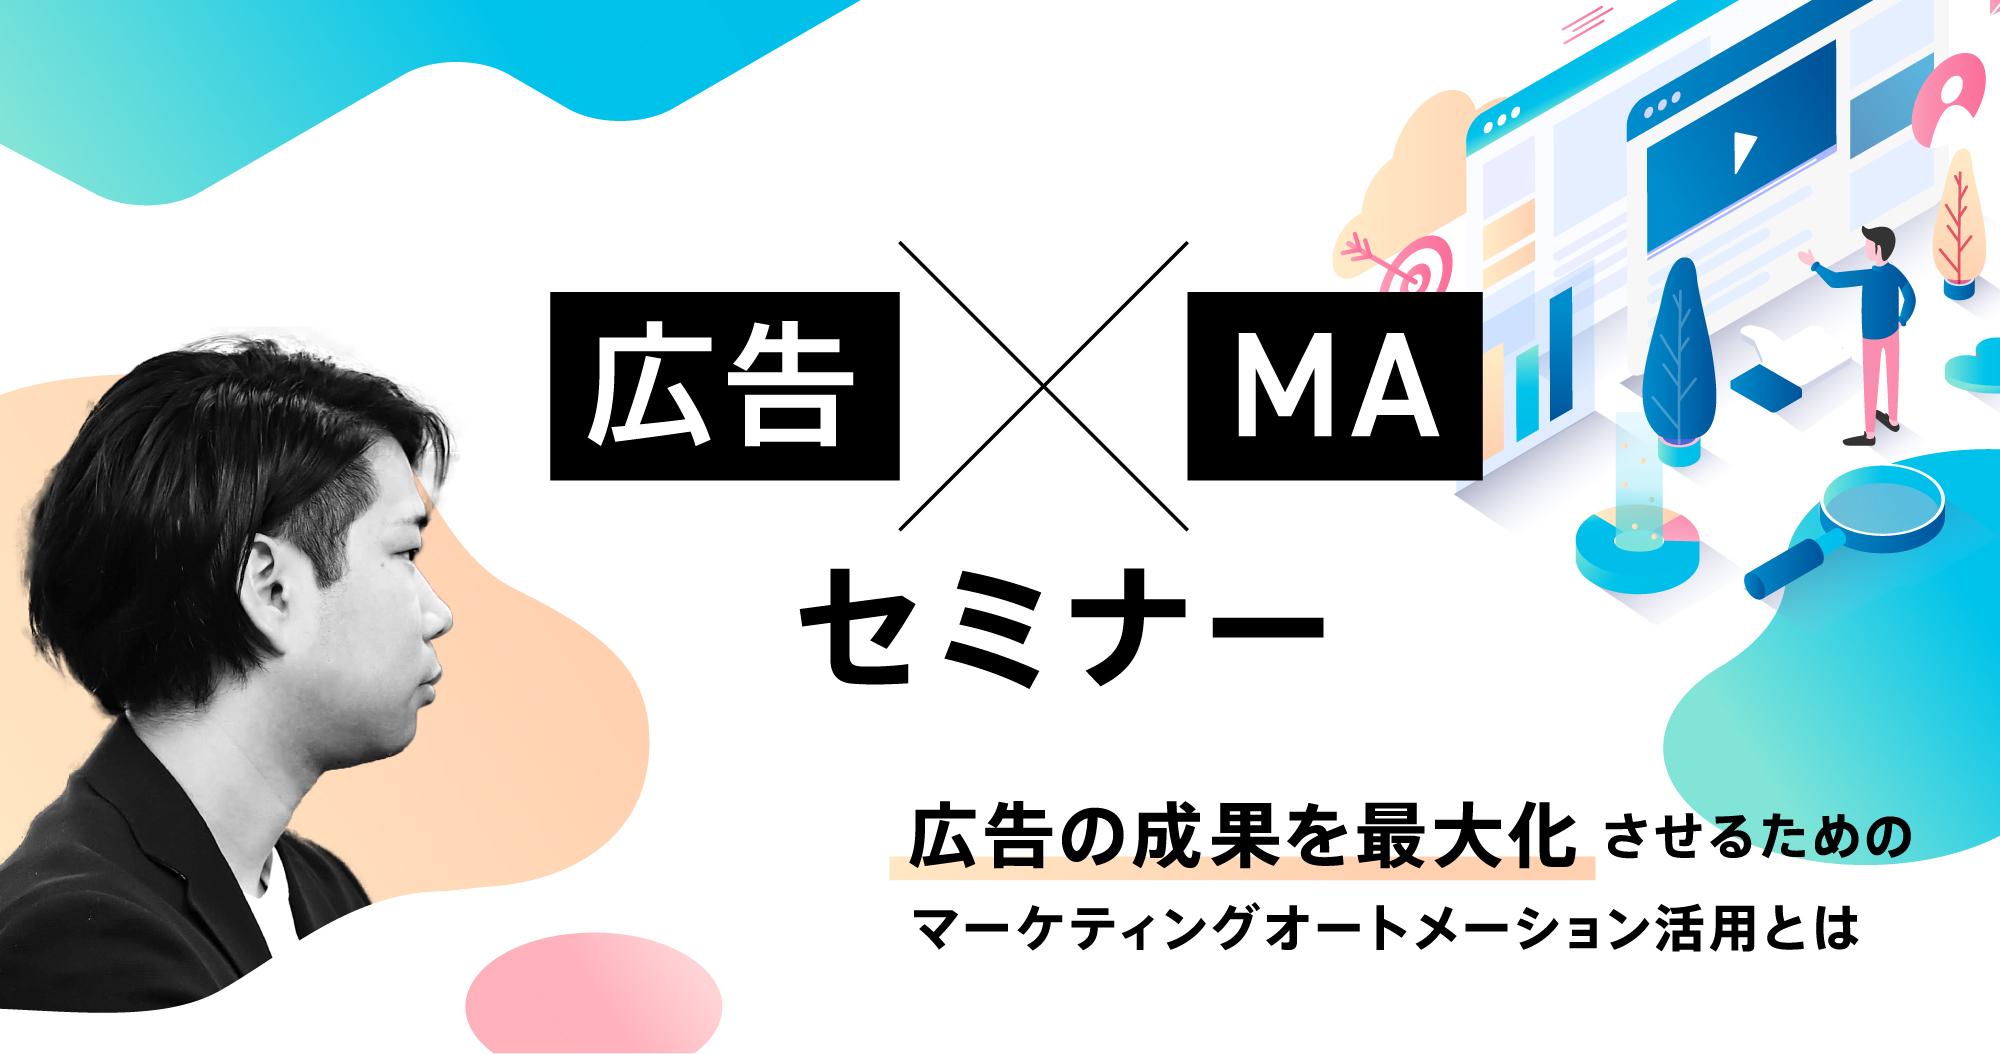 【3月15日(月)】[MA基礎講座]MAツールのメリットと活用方法とは